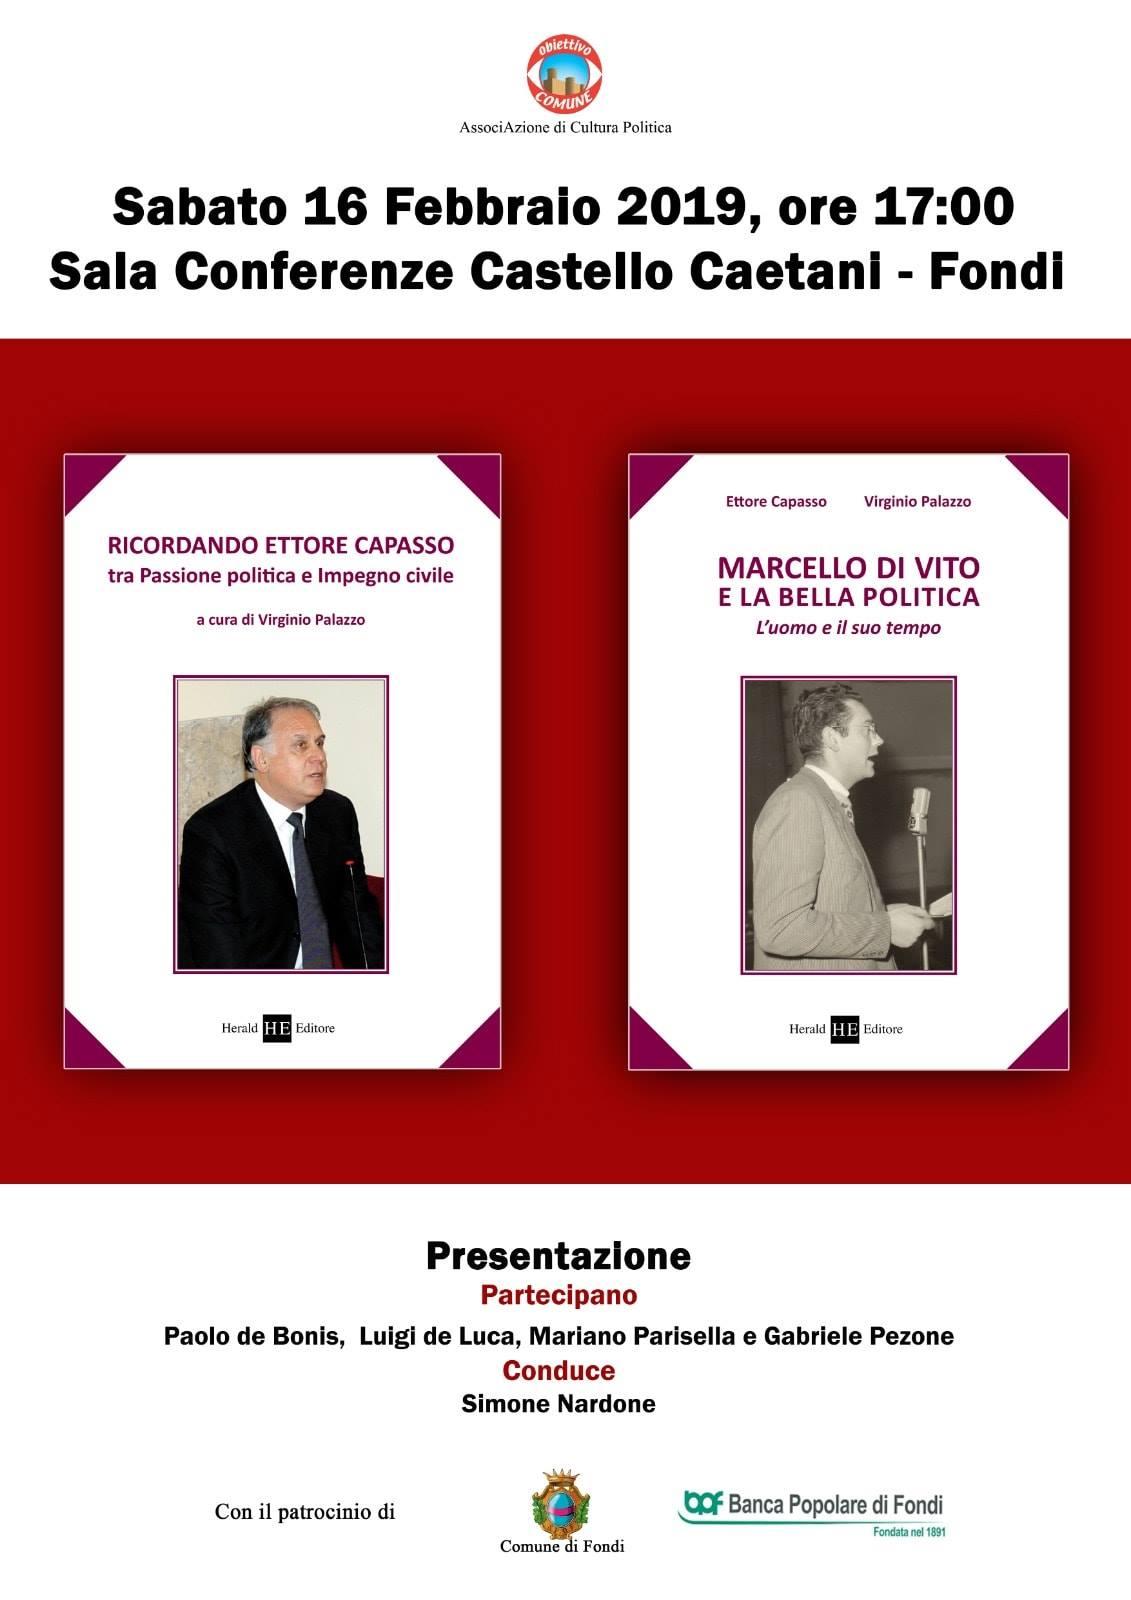 Presentazione libri_Marcello Di Vito e Ettore Capasso - Copia